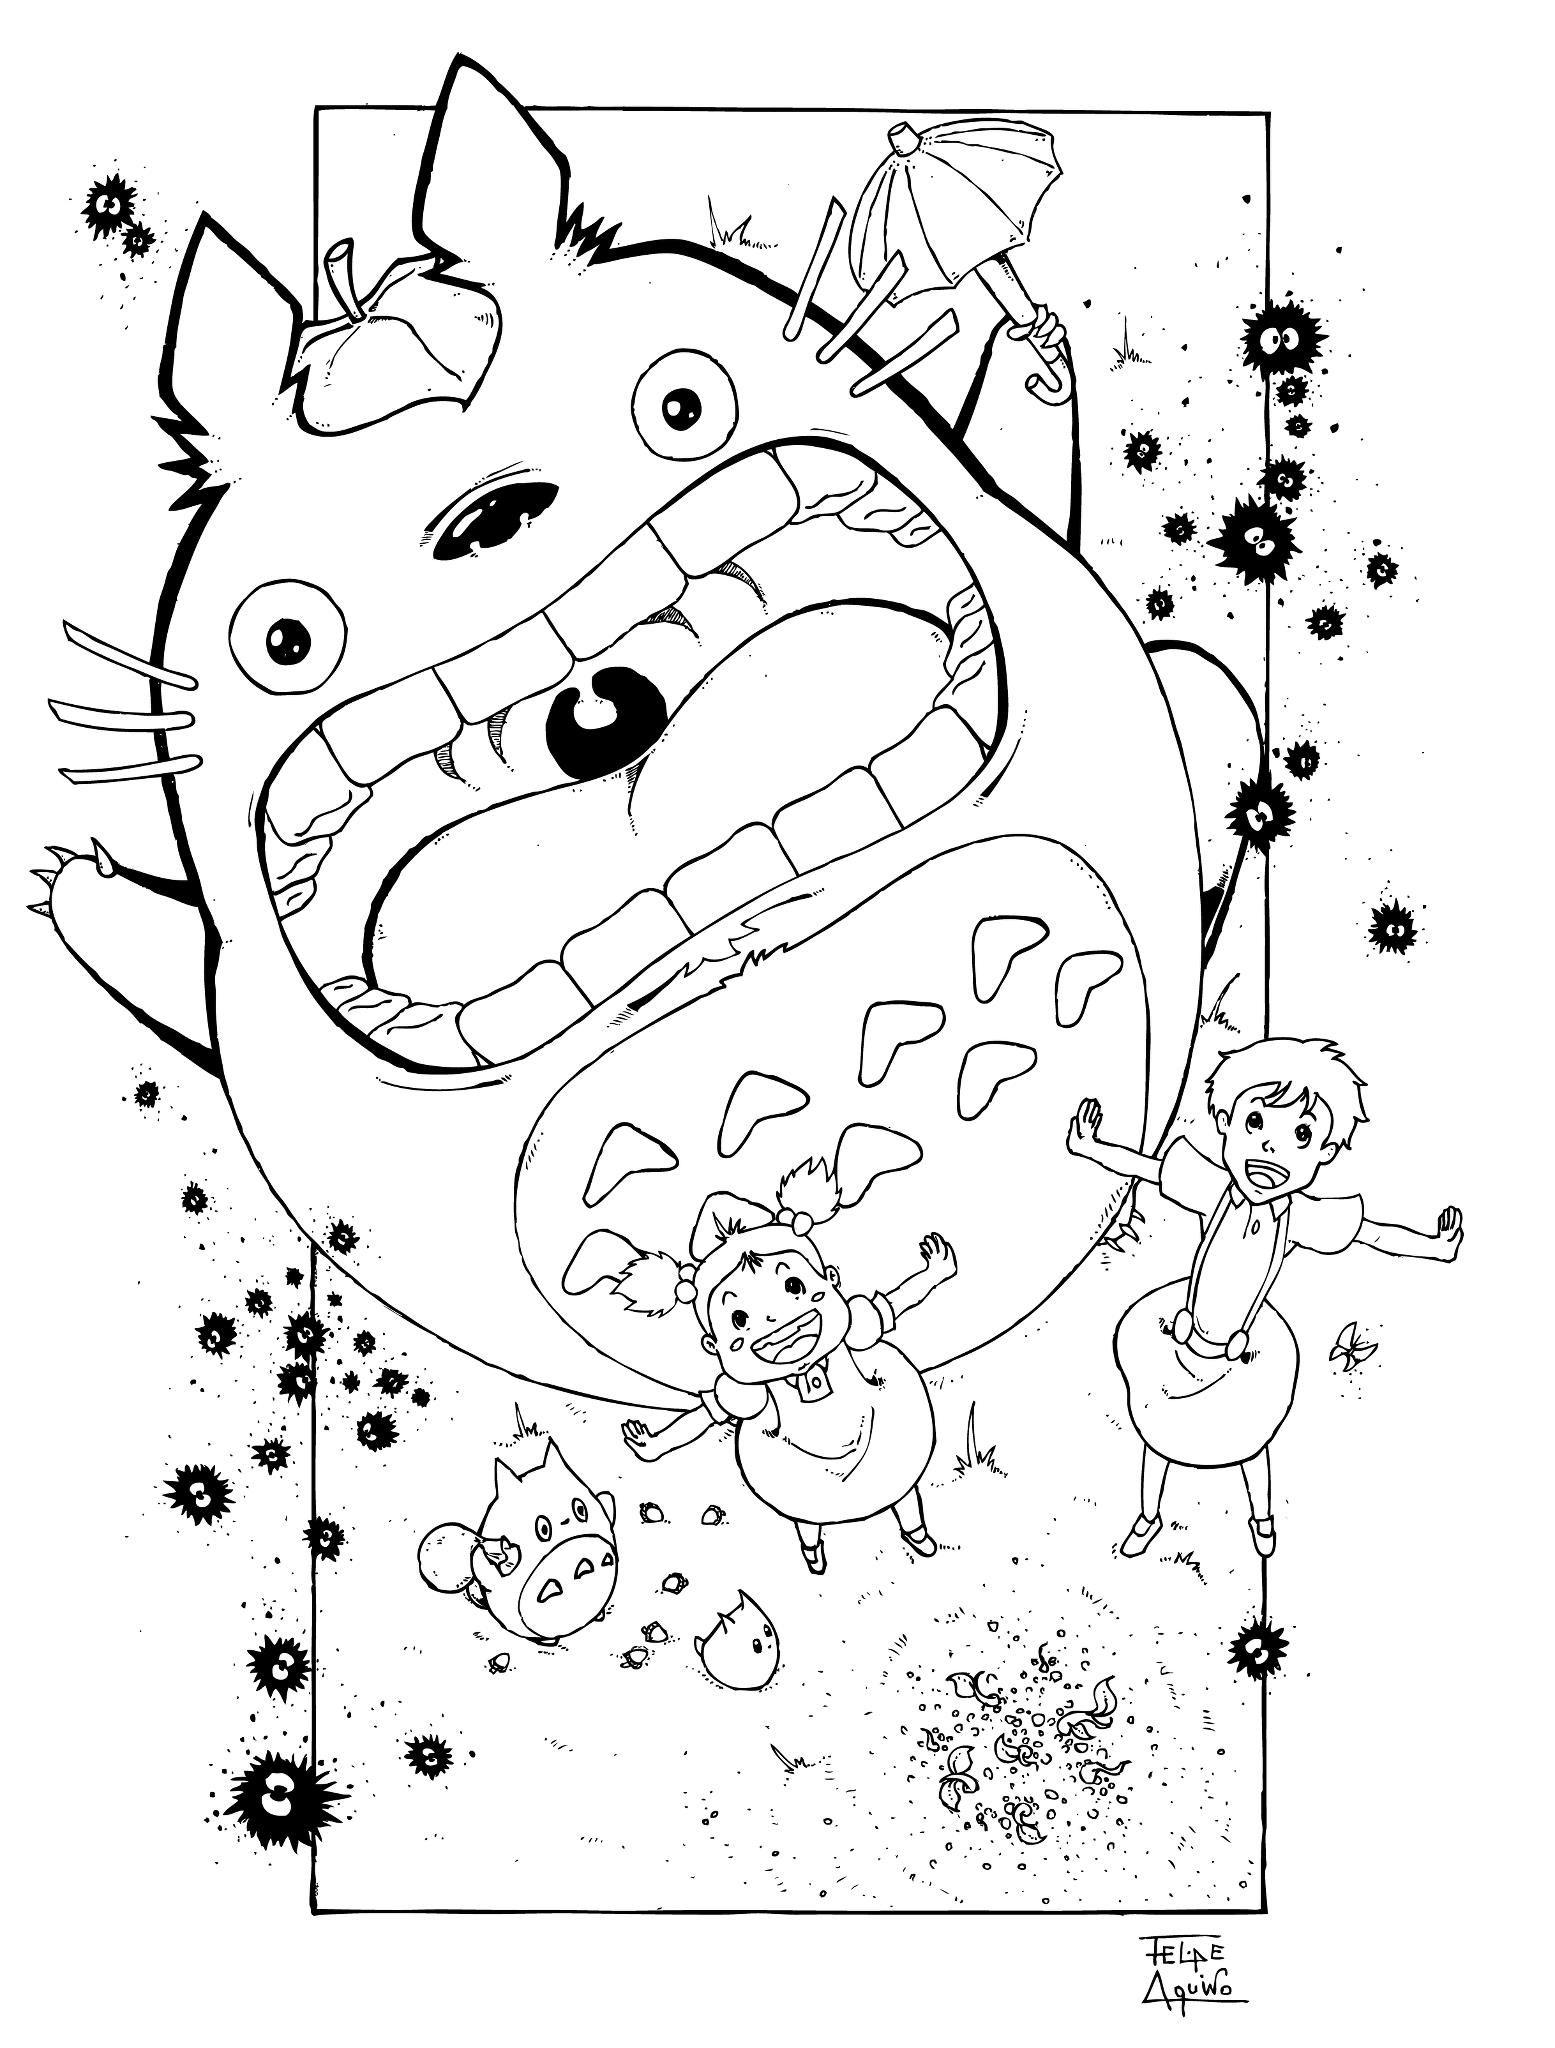 hayao miyazaki coloring pages H ada v Google